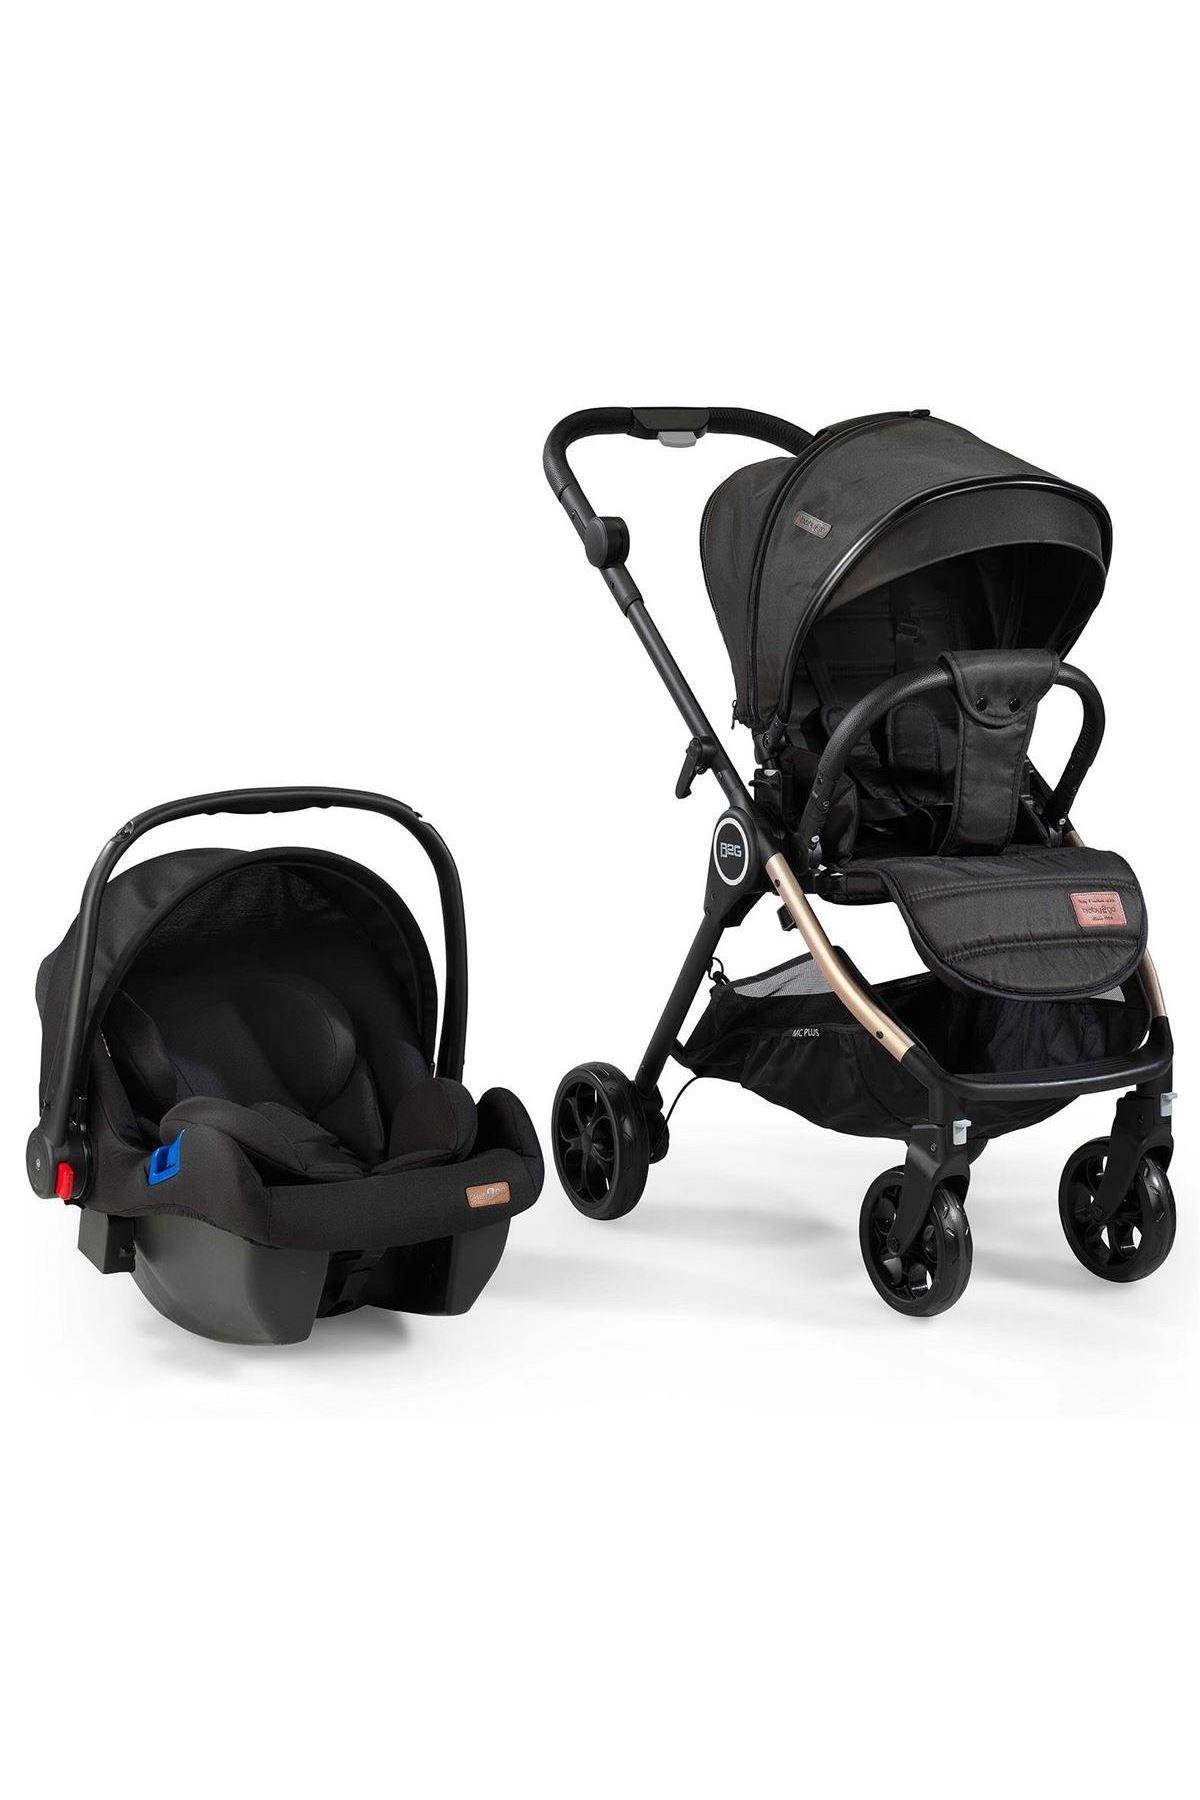 Baby2go Mc Plus Travel Sistem Bebek Arabası 2037 Siyah